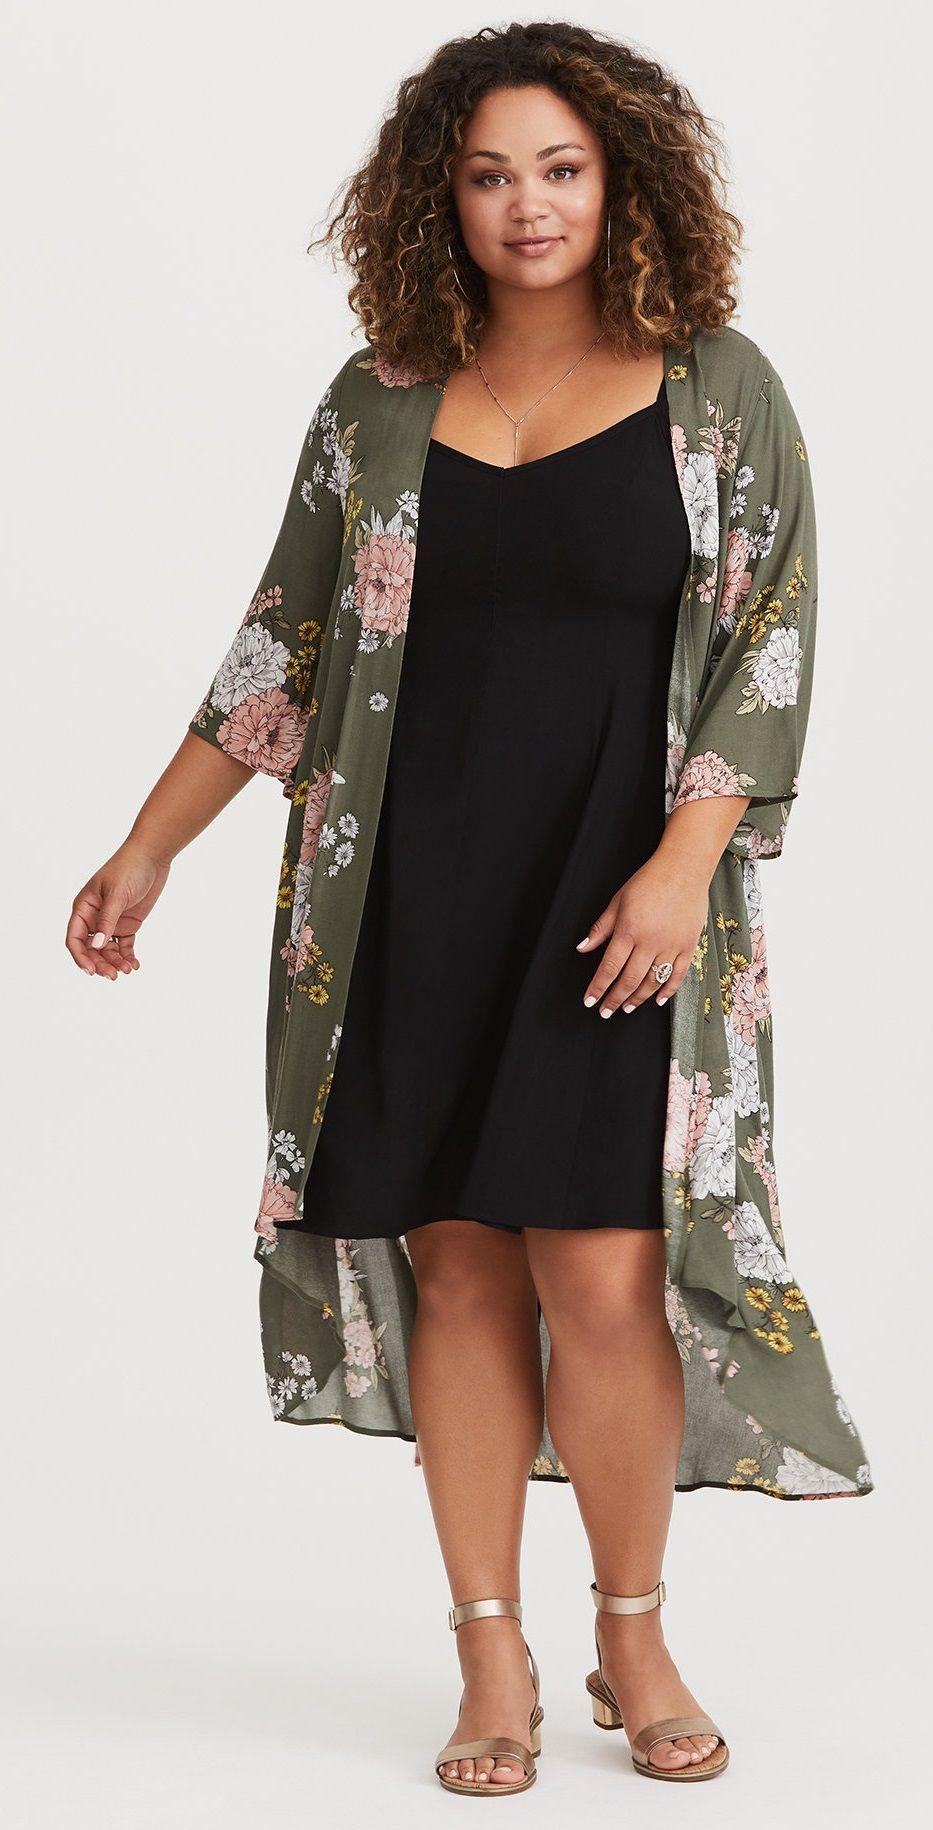 Plus Size Kimono Plus Size Fashion For Women Plussize Ropa Moderna Para Gorditas Moda Kimono Moda Para Curvas